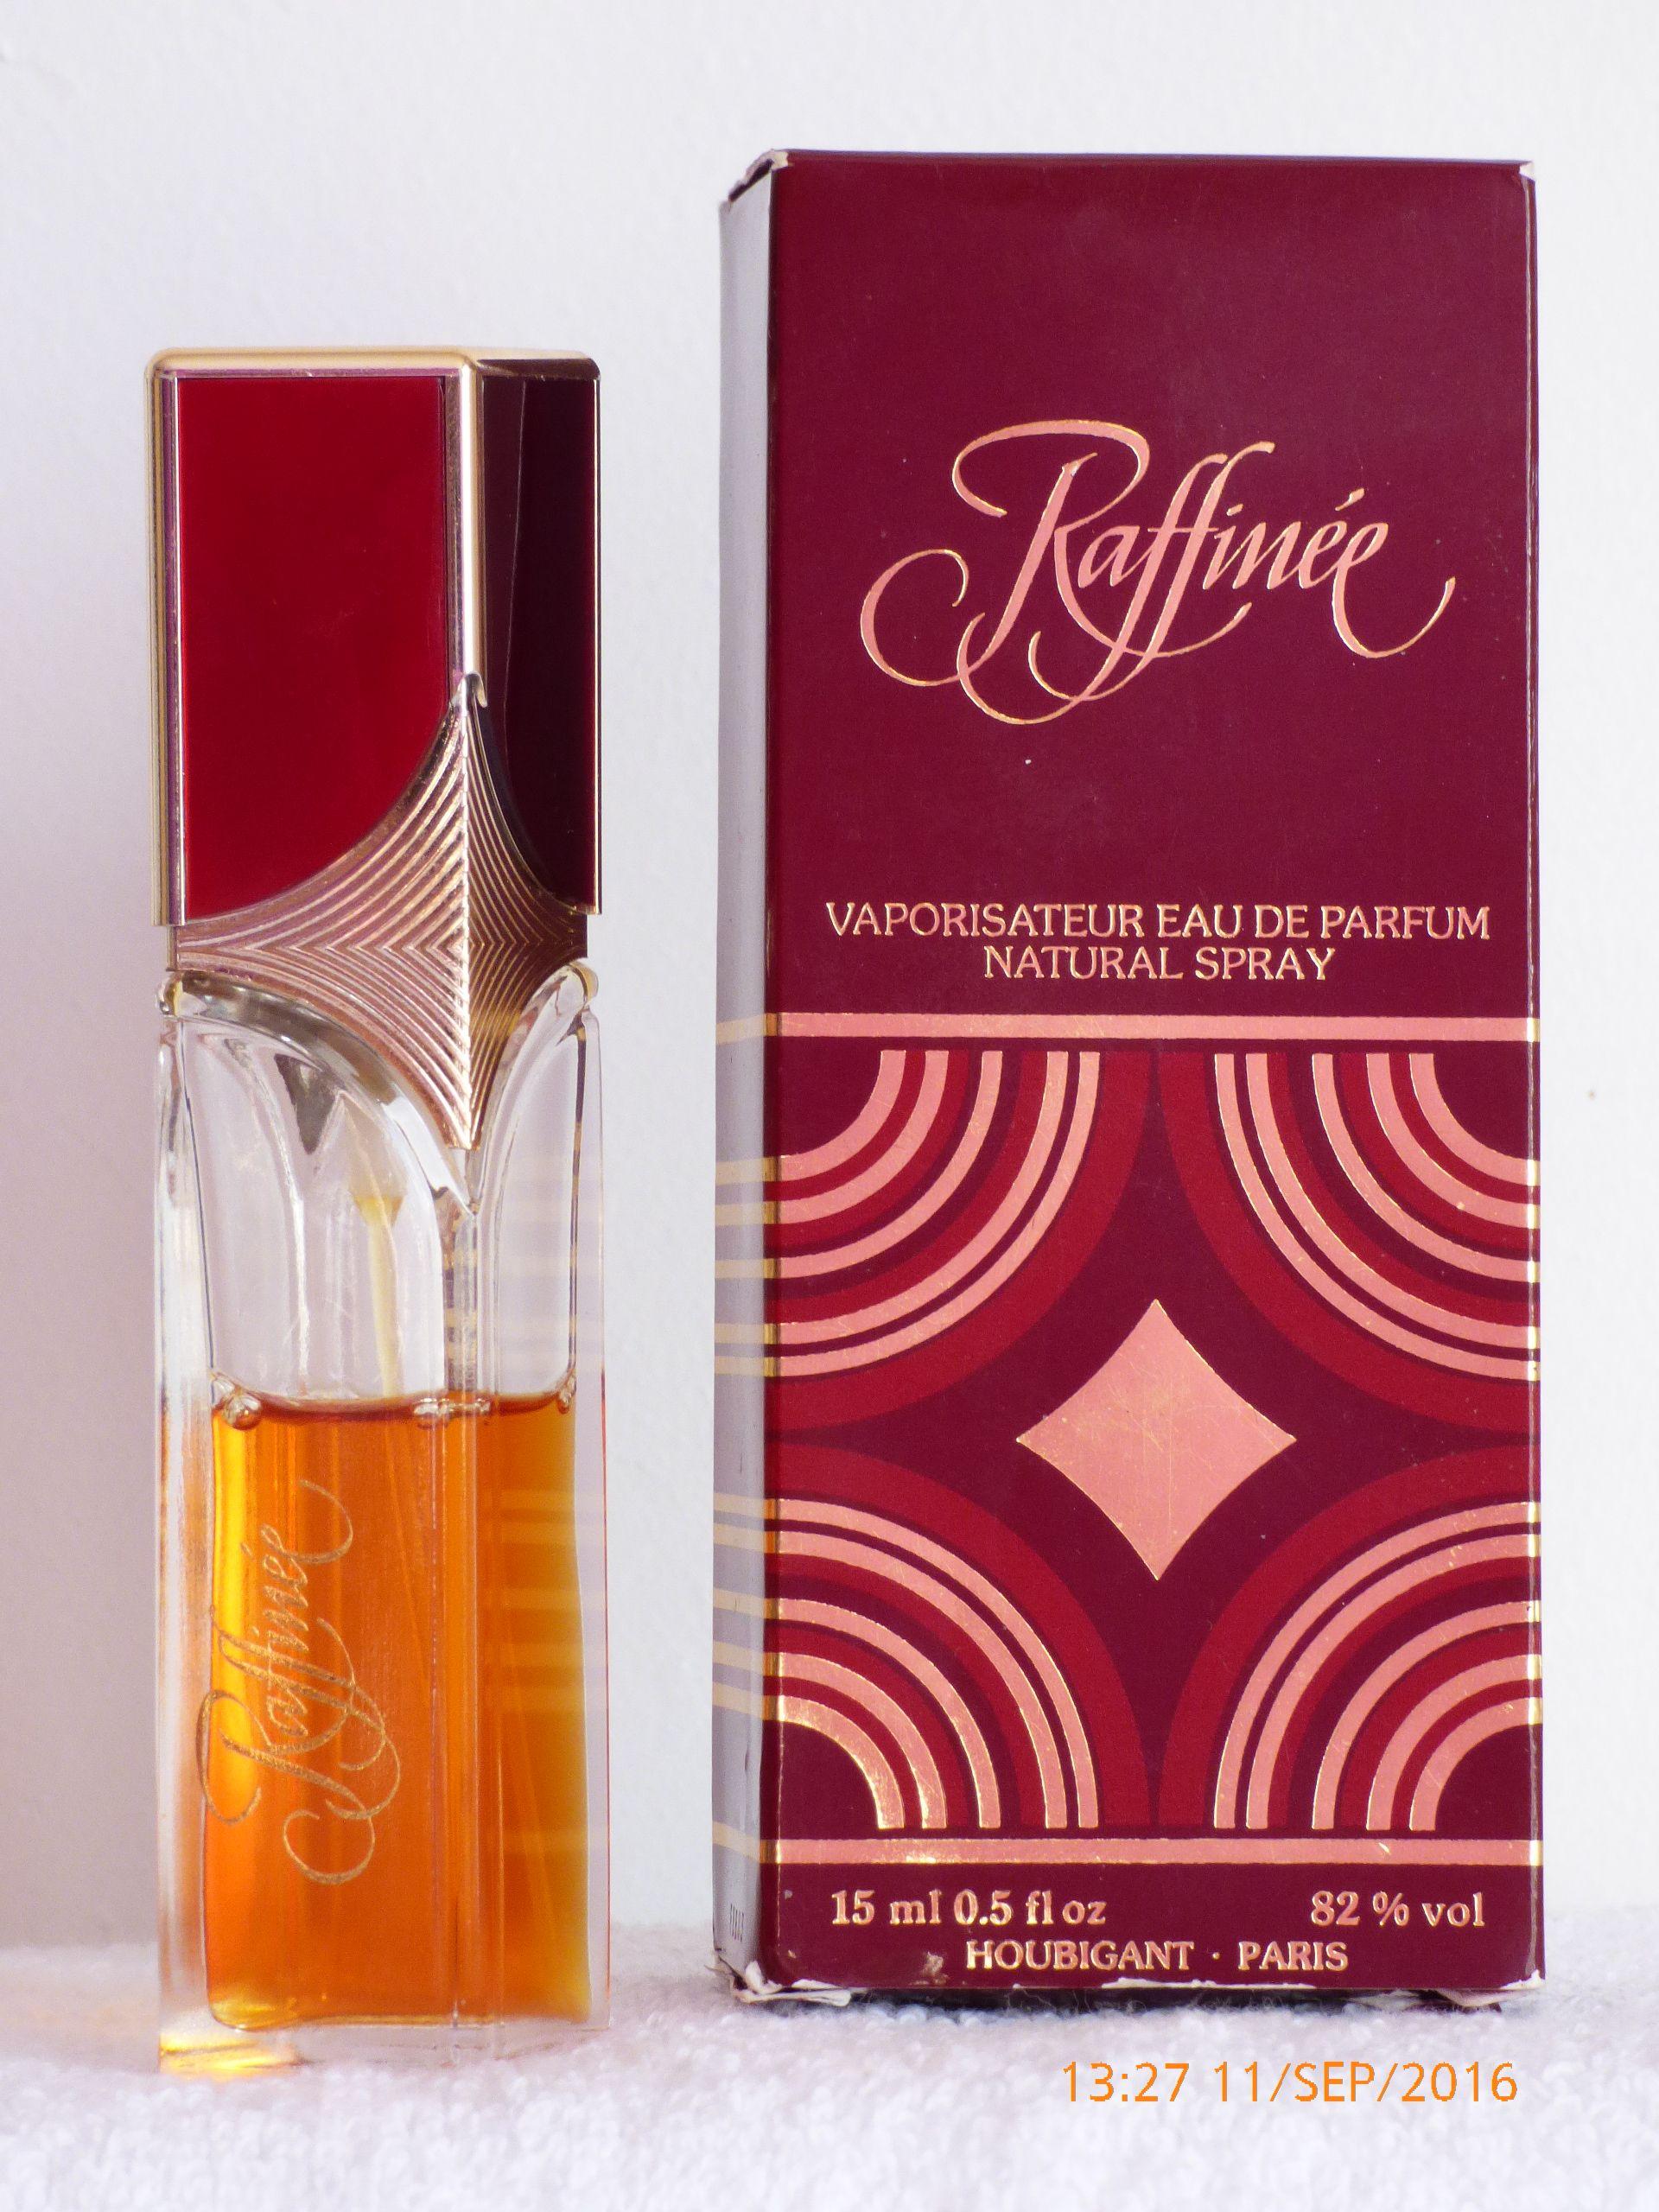 Houbigant Raffinee Edp 15ml Batch Code Fbb03 Wine Bottle Rose Wine Bottle Bottle